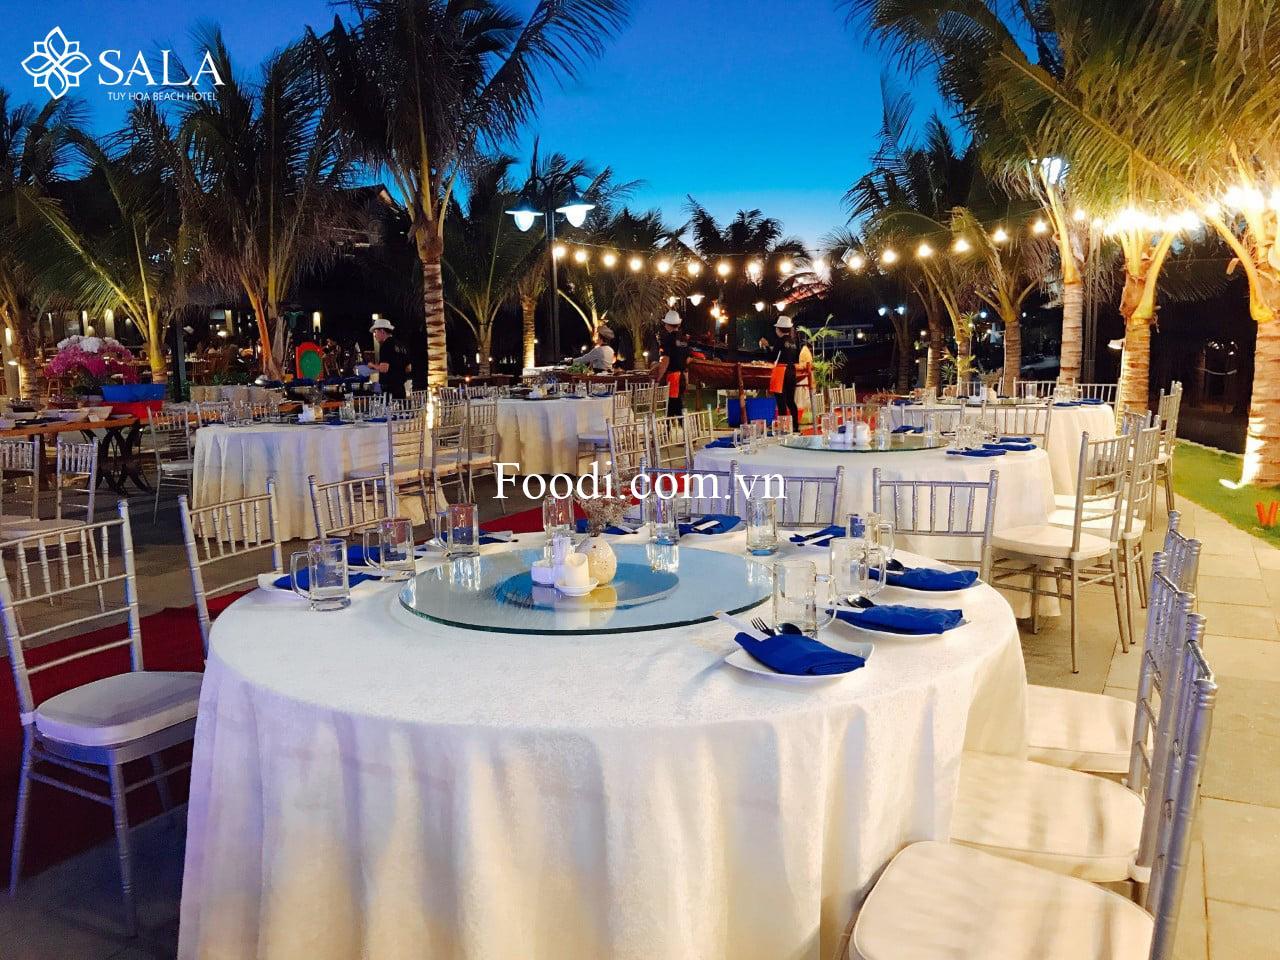 22 Món ngon Phú Yên + KÈM địa chỉ quán ăn ngon ở Tuy Hòa gần trung tâm